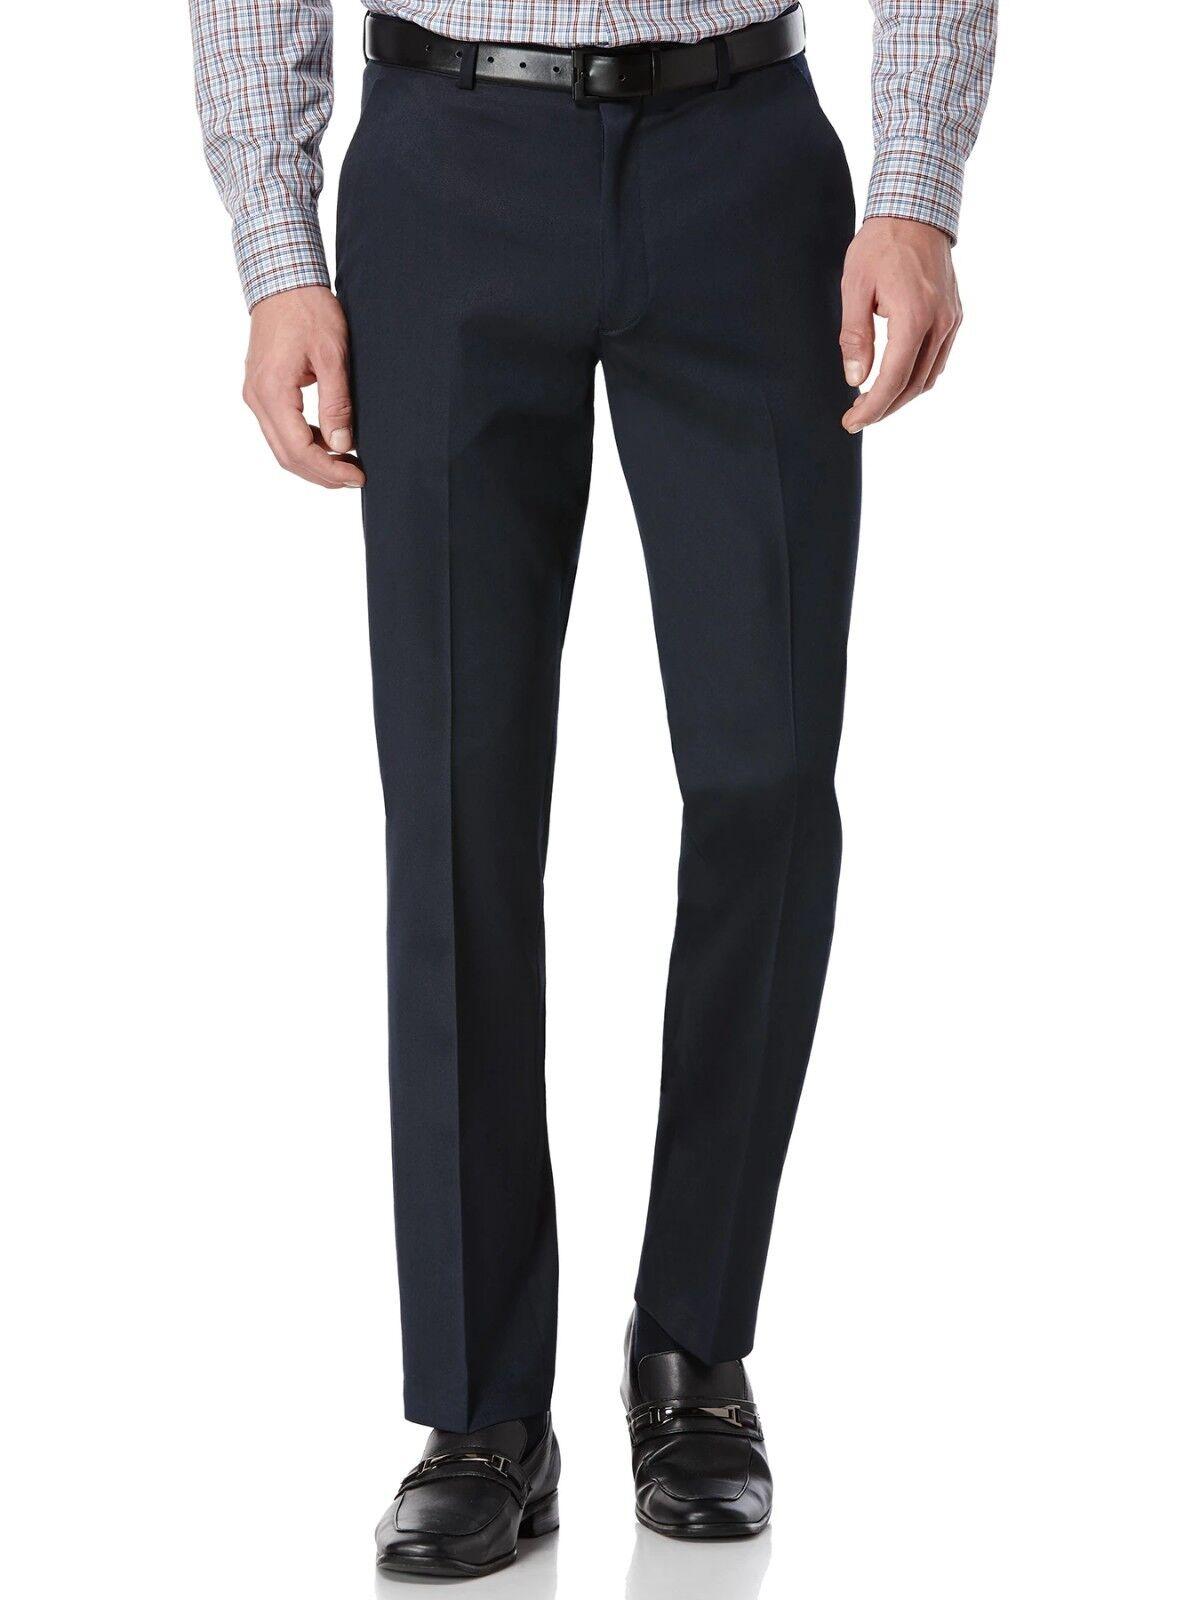 PERRY ELLIS PORTFOLIO men blueE SLIM FIT FRONT FLAT DRESS PANTS 30 W 30 L